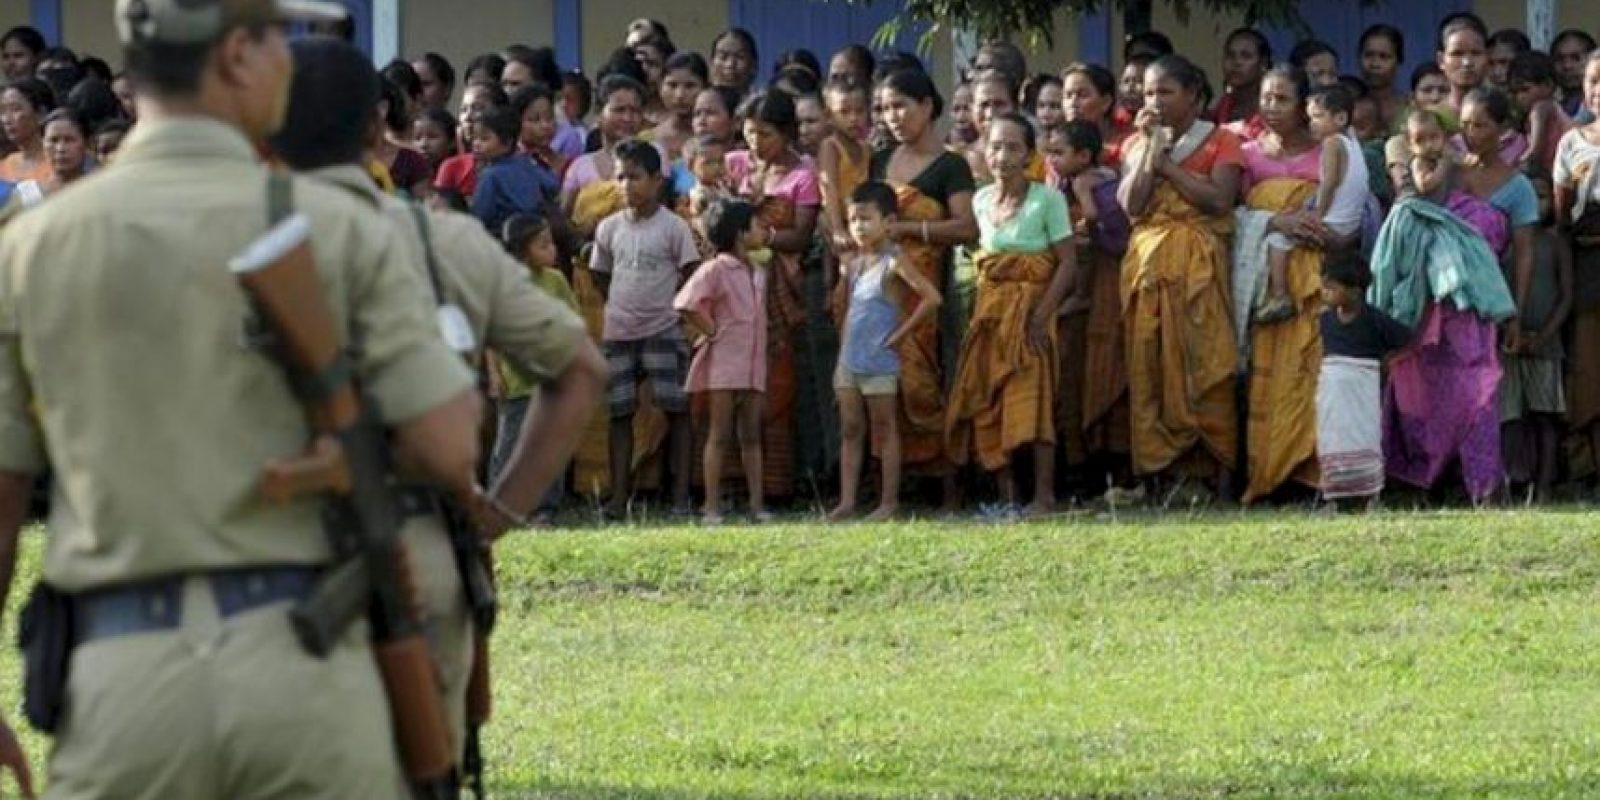 Víctimas de los disturbios en el distrito de Kokrajhar se alojan en un campo de refugiados, en el estado de Assam, India hoy, miércoles 25 de julio de 2012. EFE